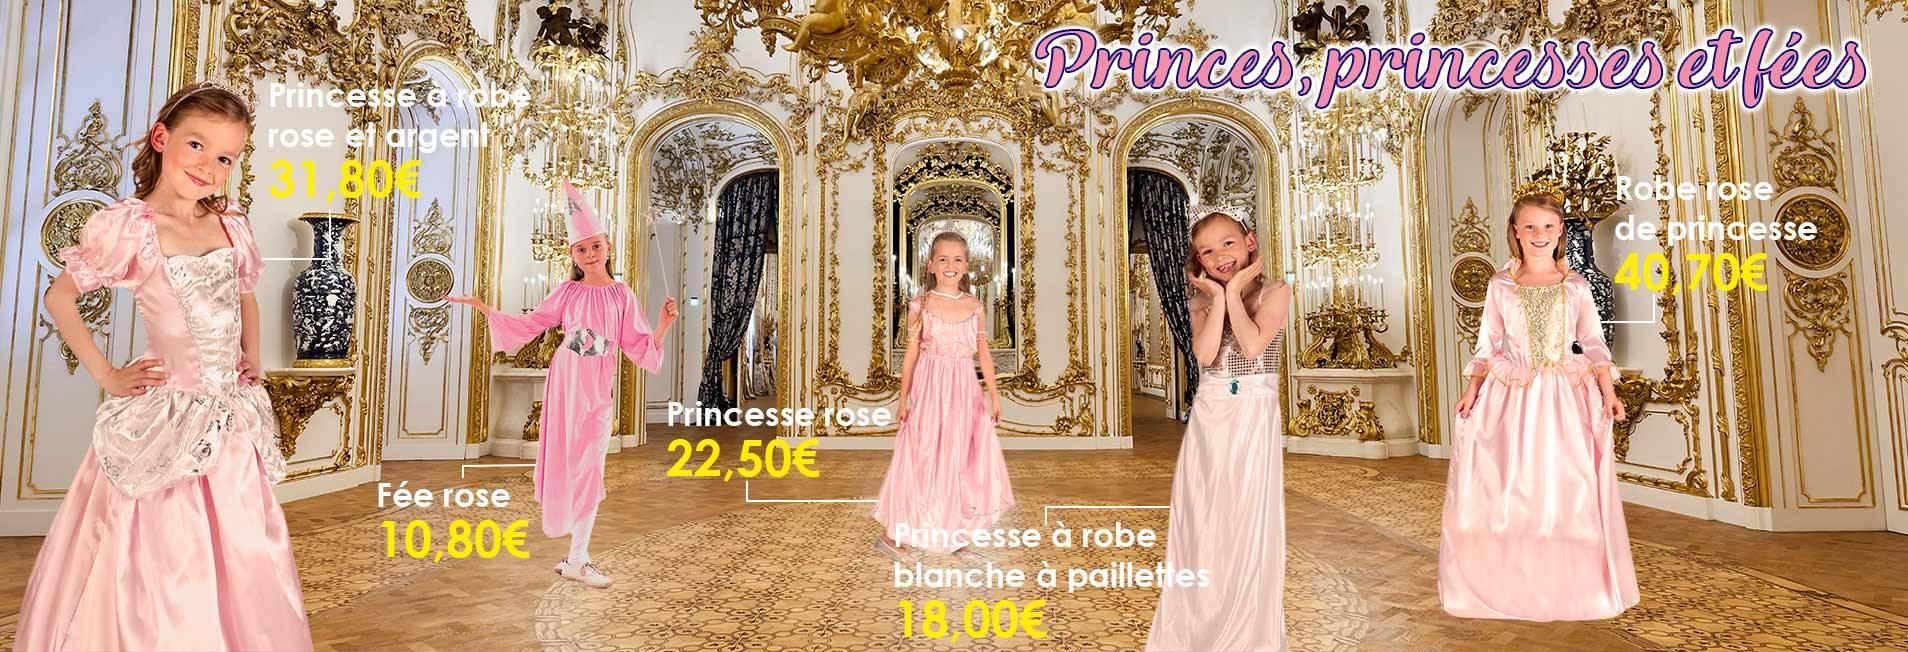 Princes, princesses et fées